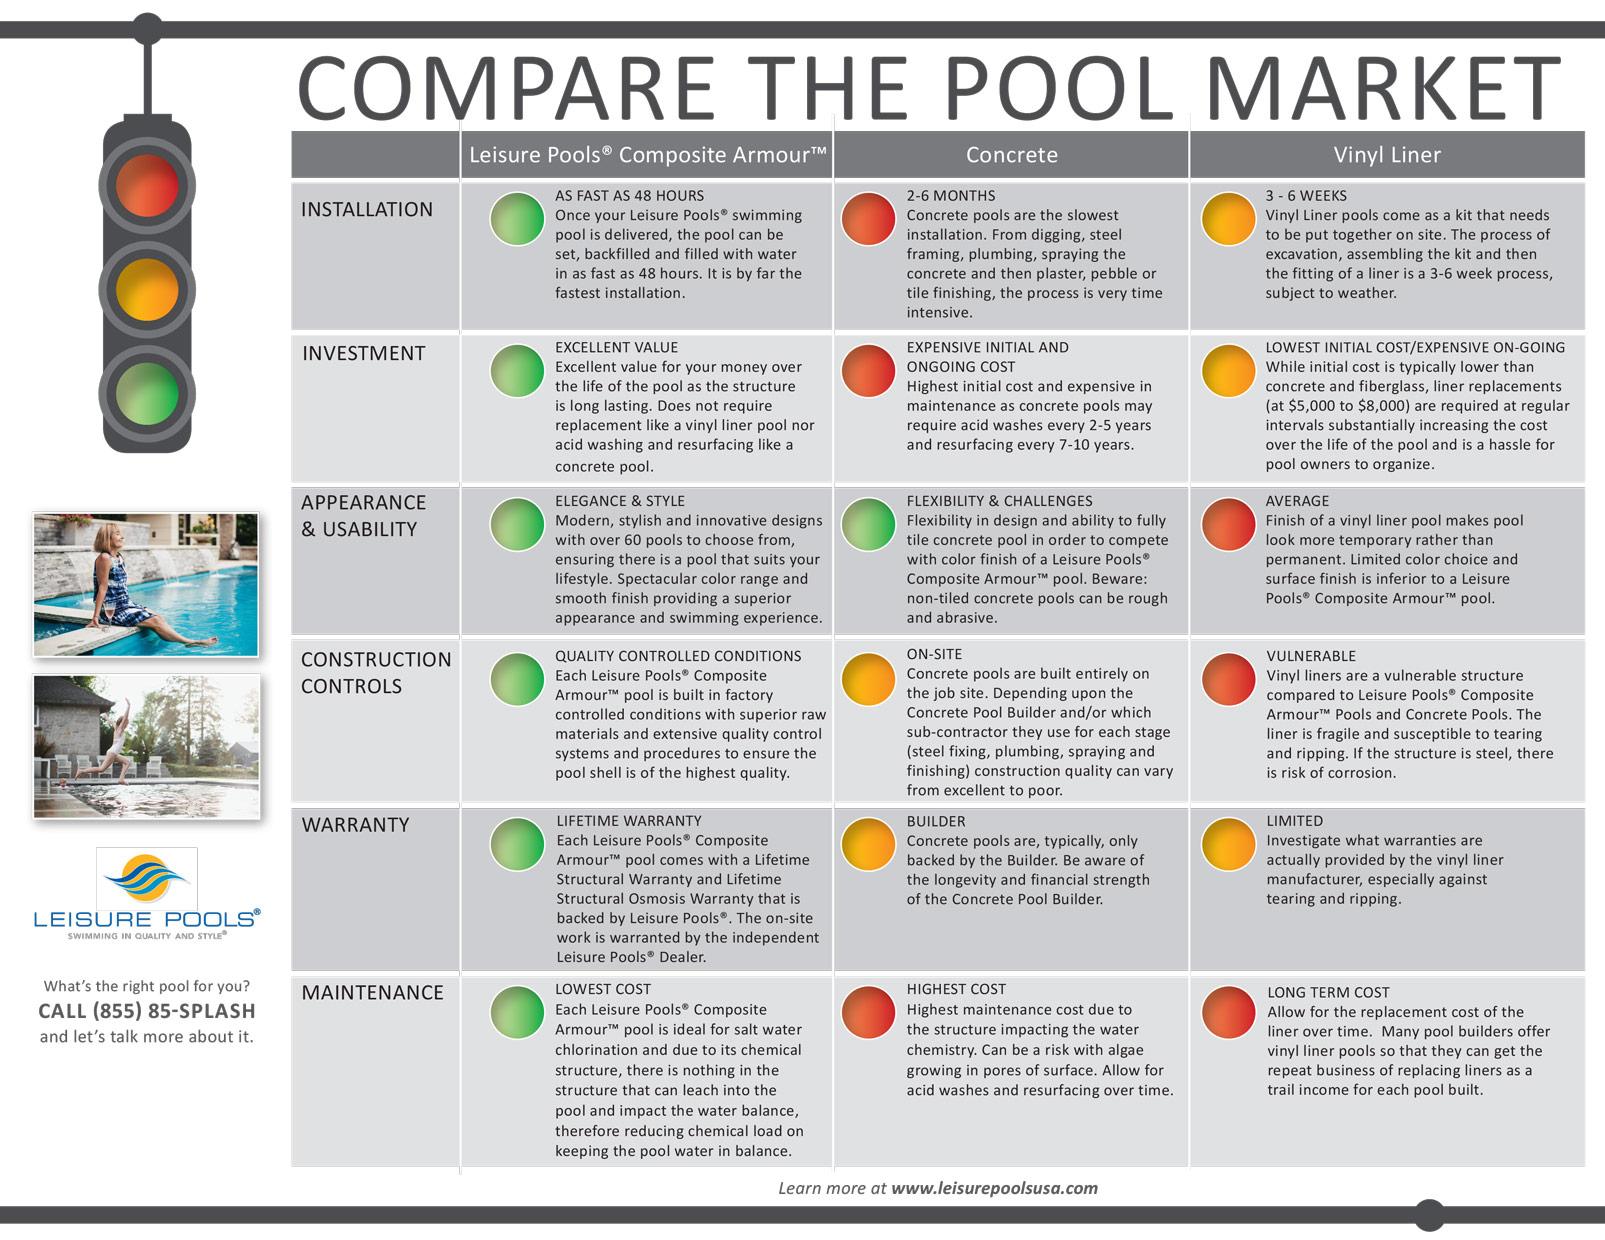 Compare the Pool Market